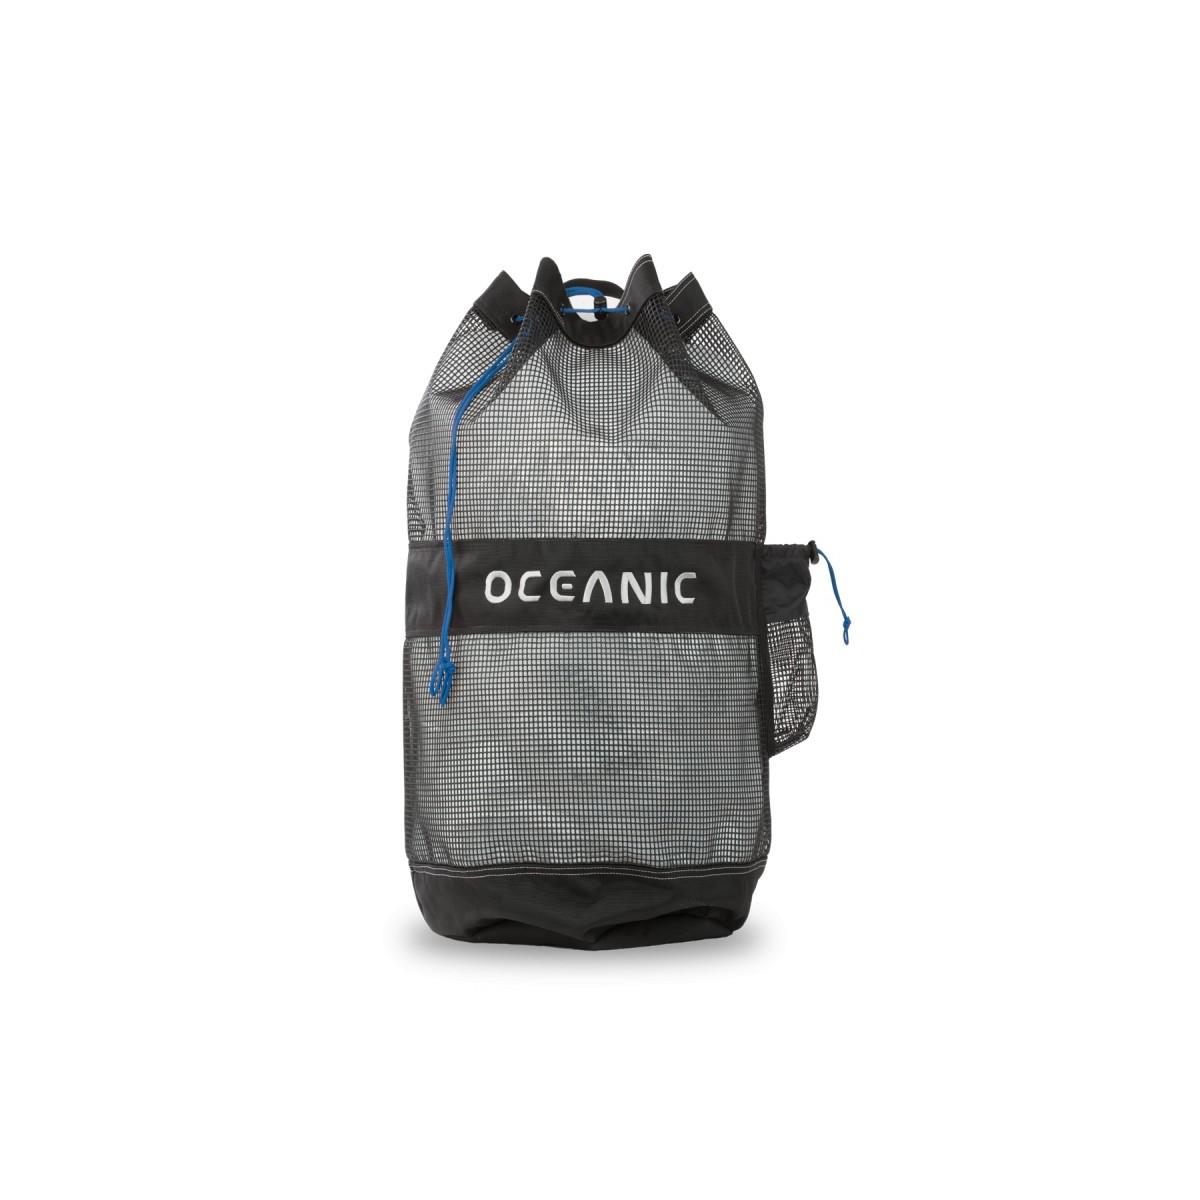 Oceanic Mesh Backpack